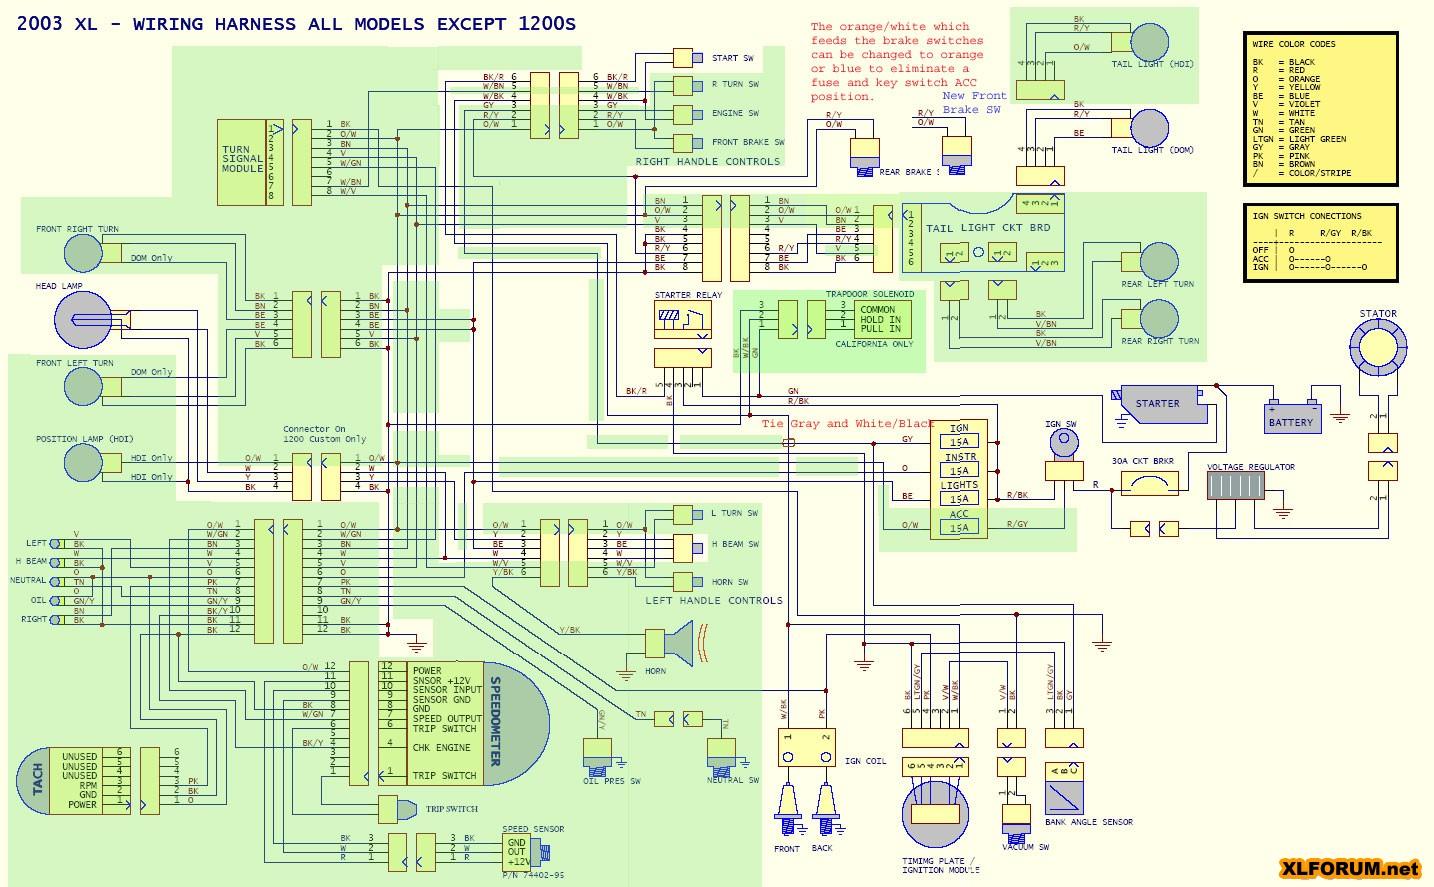 86 Vt 1100 Wiring Diagram 1993 Honda Shadow Vt700 Diagrams Sensors Odicis